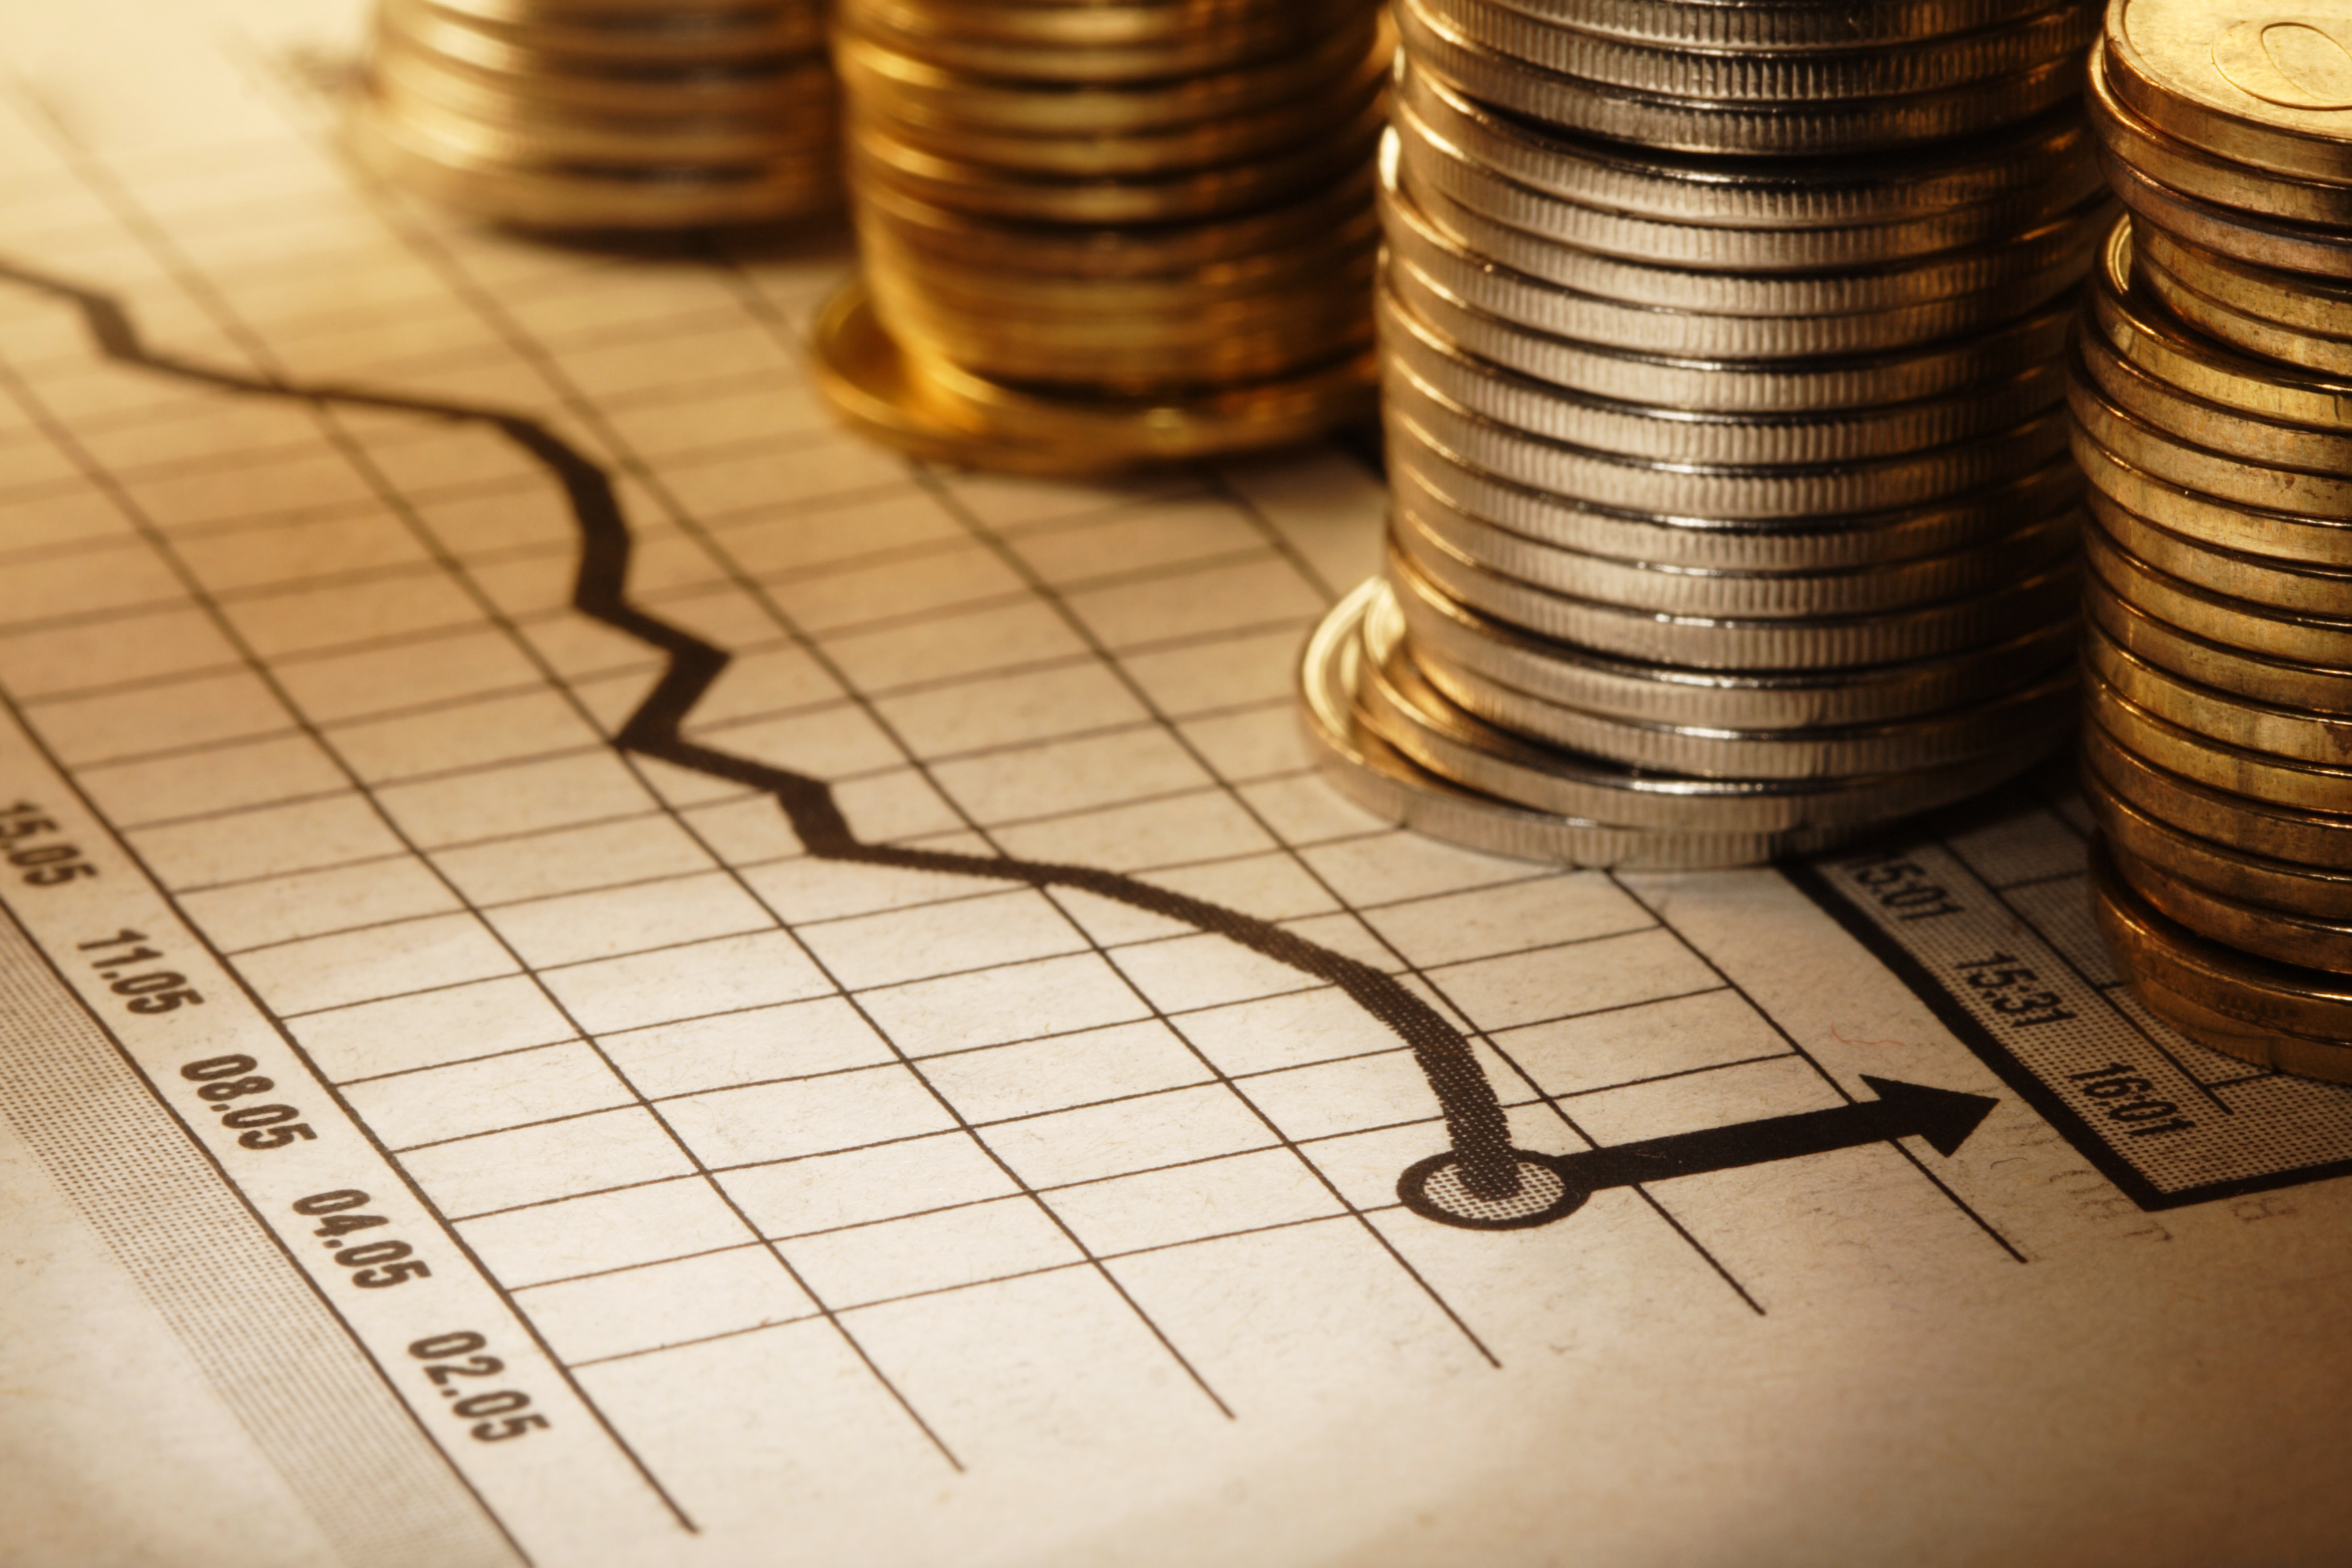 ارتفاع الأسعار والتضخم خلال الأشهر الأولى من 2017